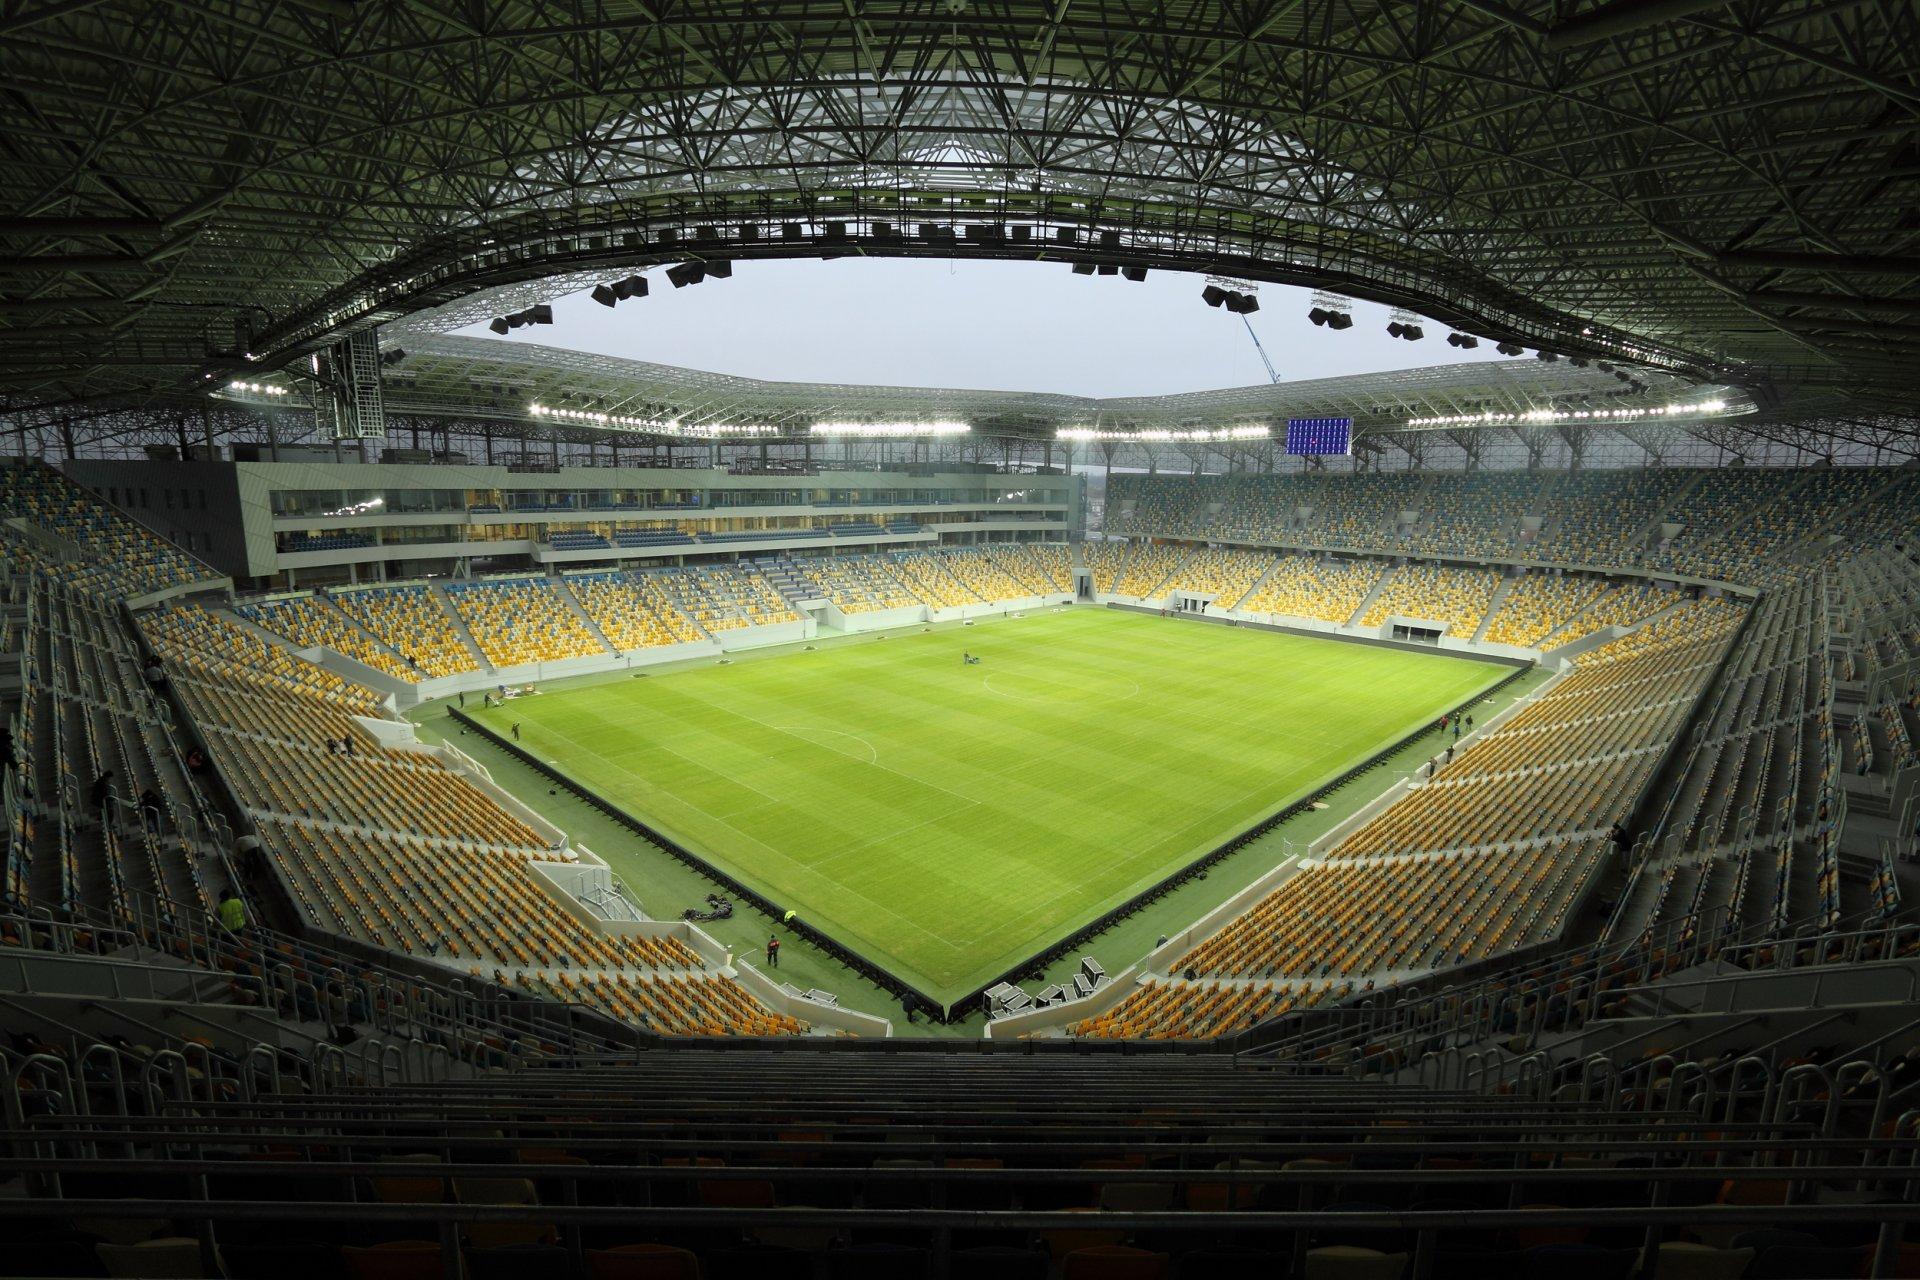 Картинки со стадионами, любимую днем